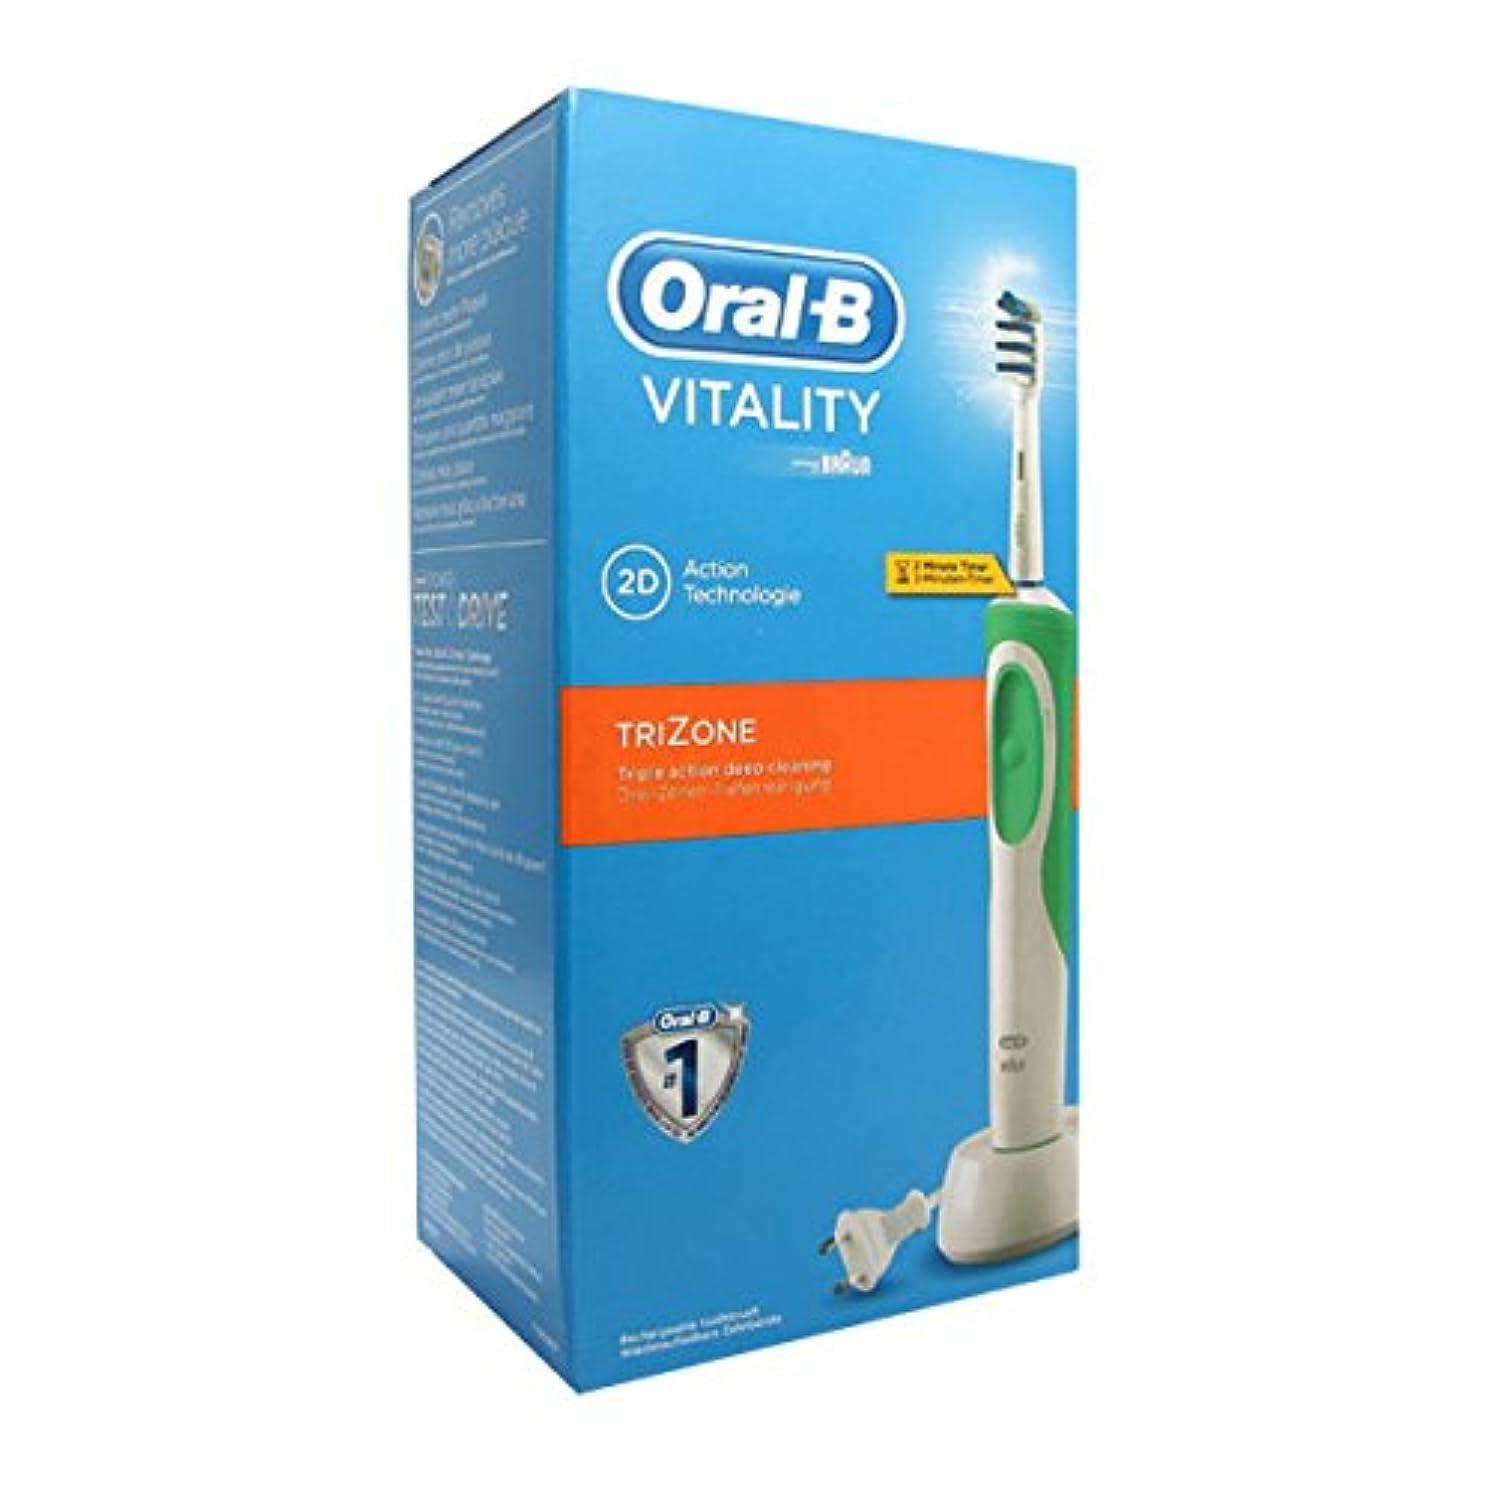 ピルファー戦闘タイルOral B Vitality Trizone Electric Toothbrush [並行輸入品]